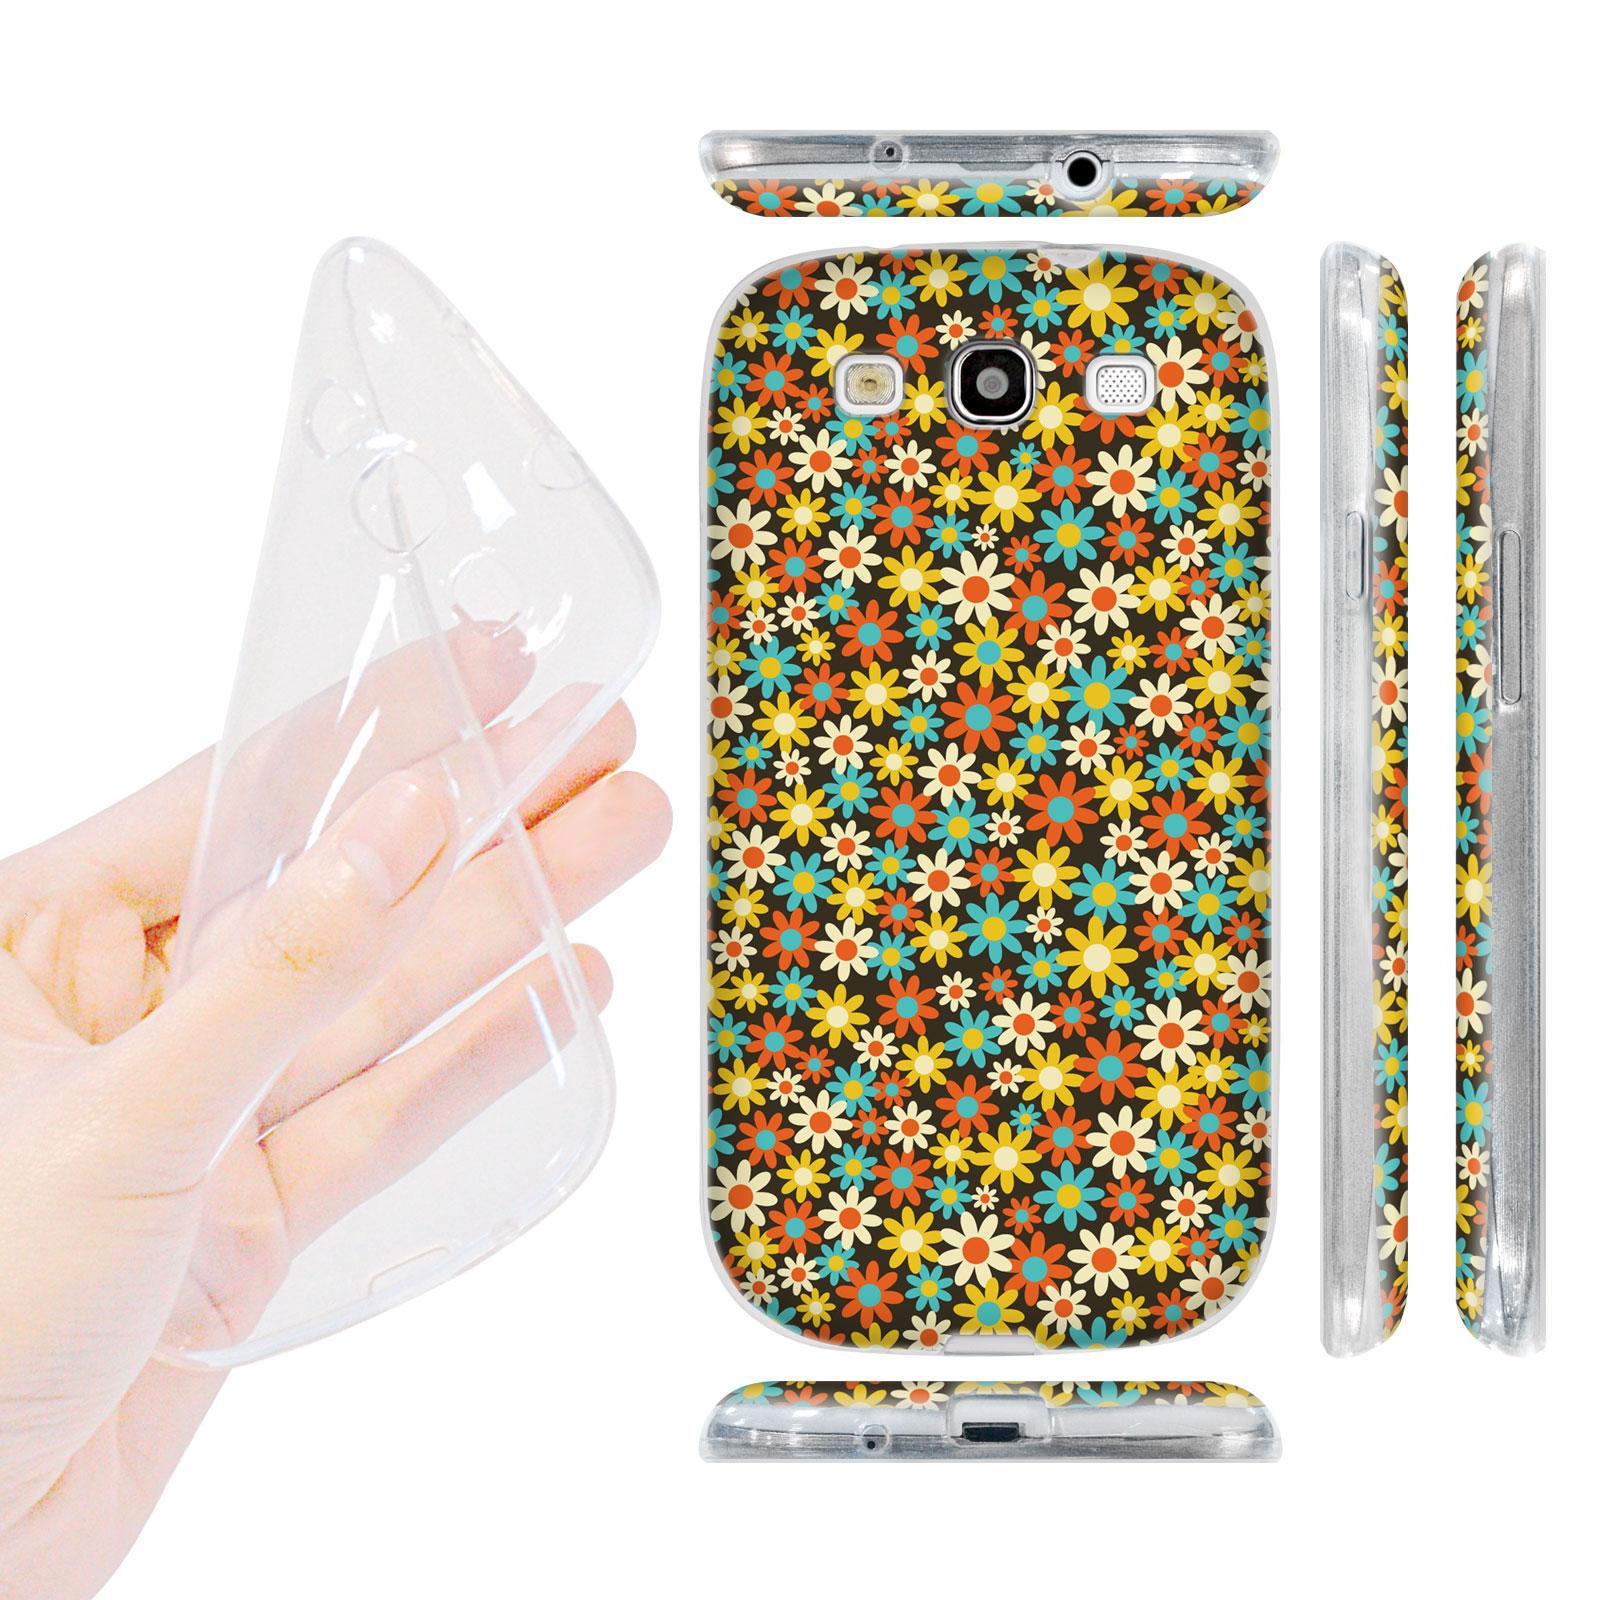 57e7af9fa HEAD CASE silikonový obal na mobil Galaxy S3 i9300 malé květinky žlutá  oranžová barva empty